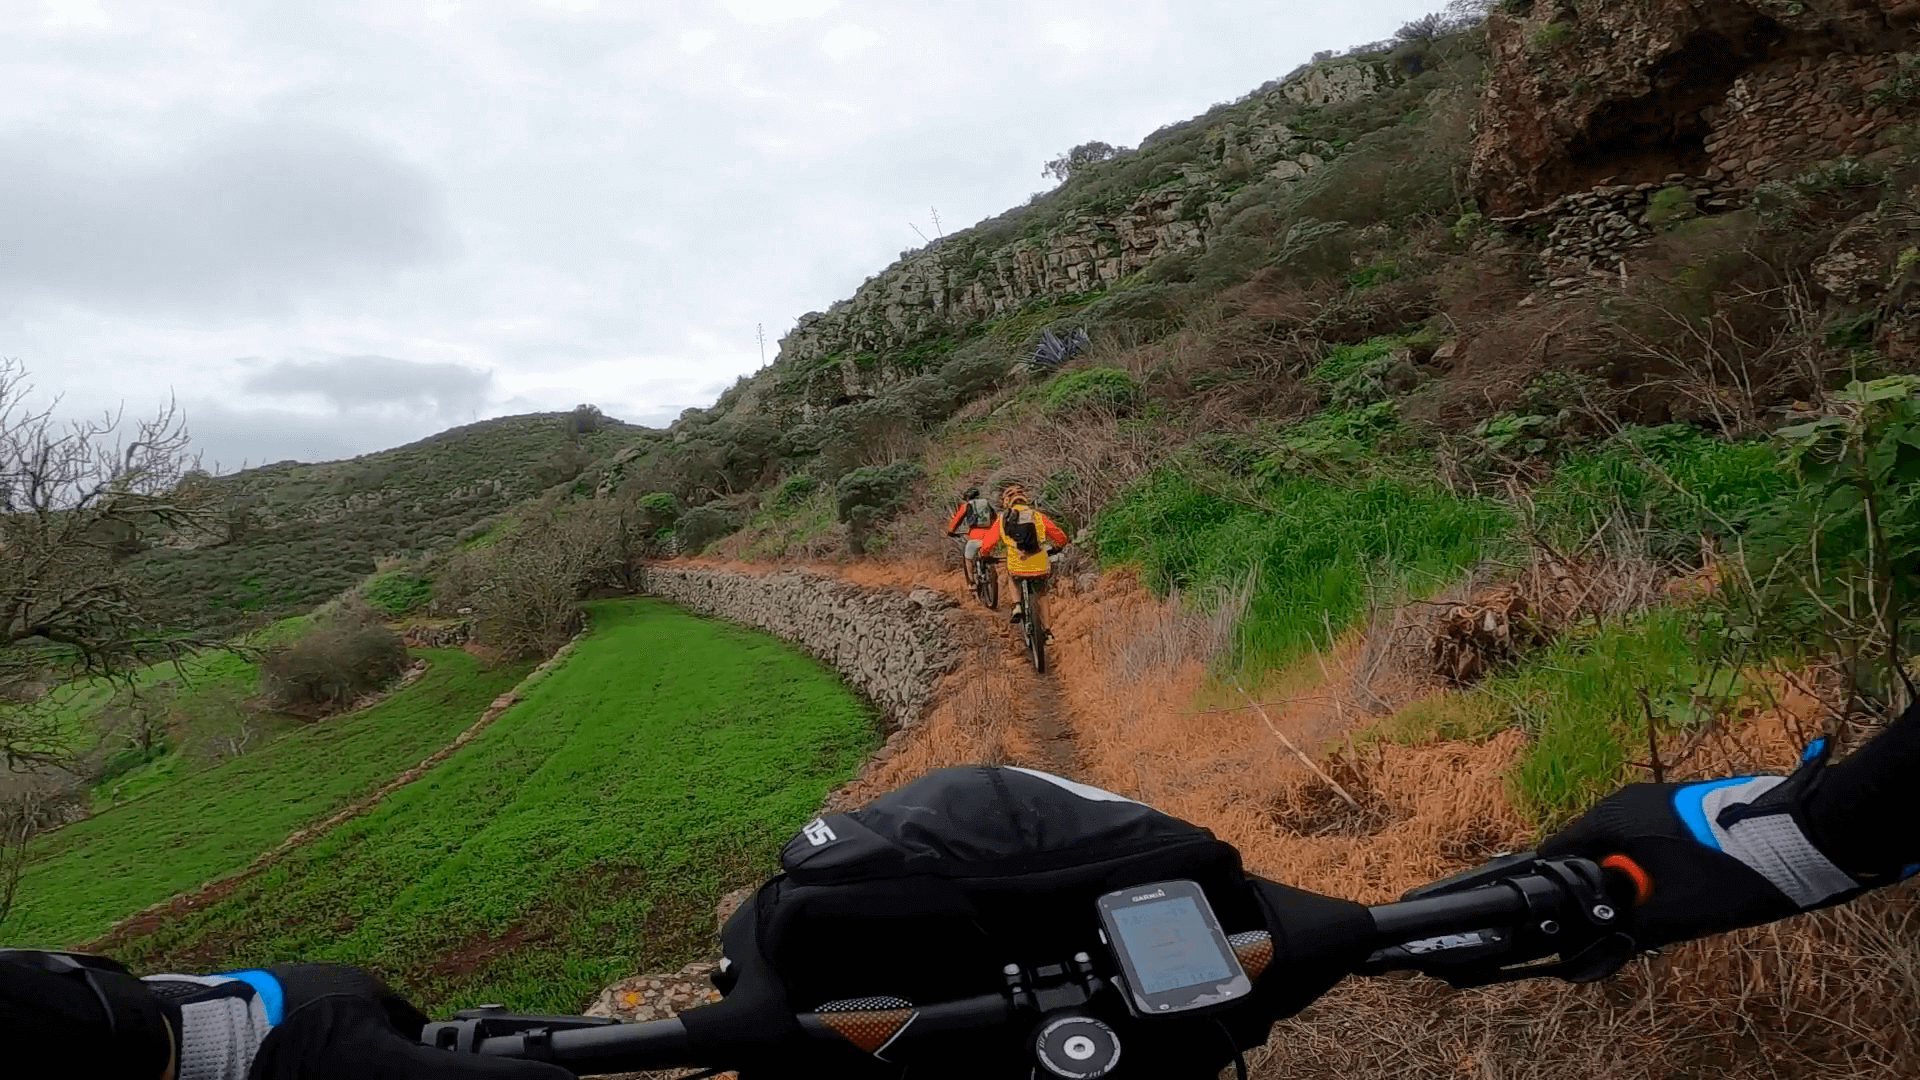 Ruta de Enduro MtB circular por Telde, Gran Canaria